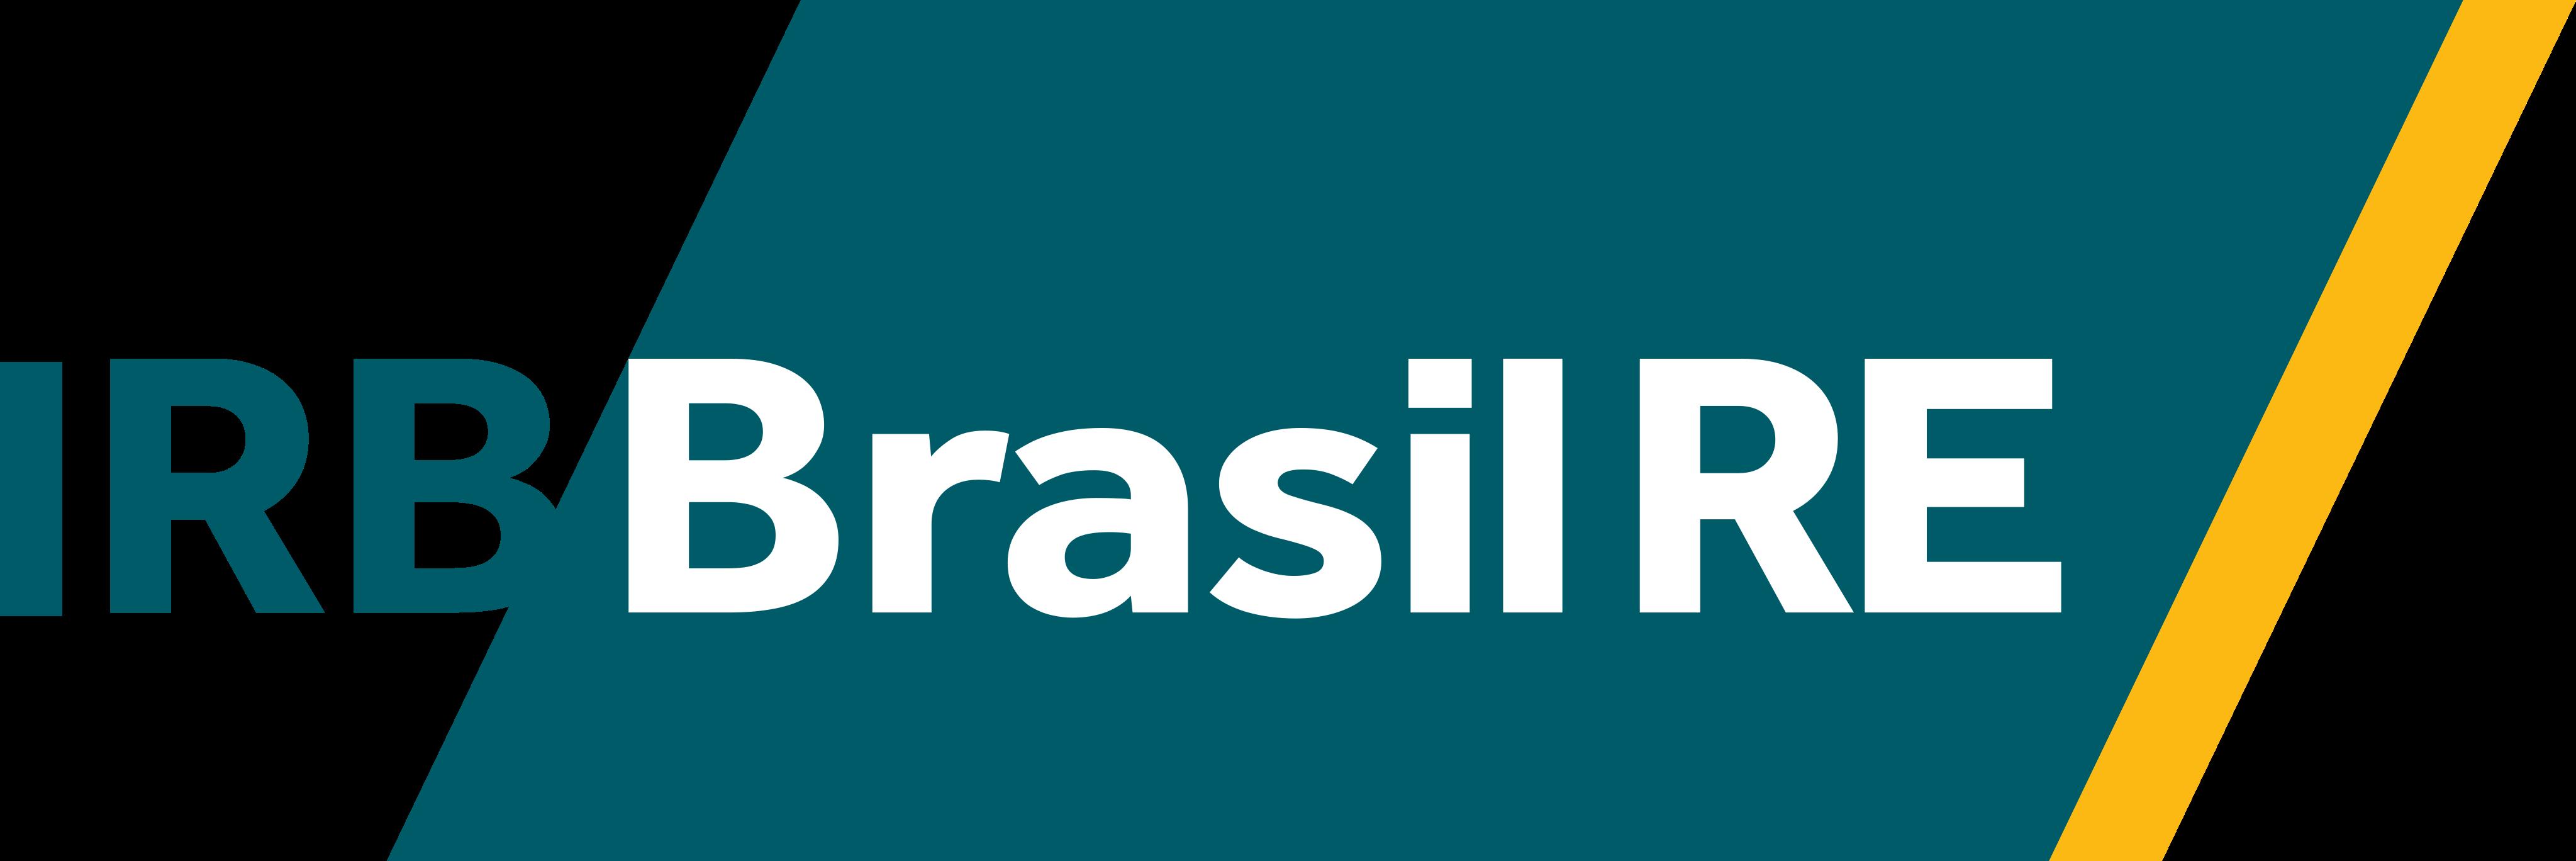 IRB Brasil RE Logo.